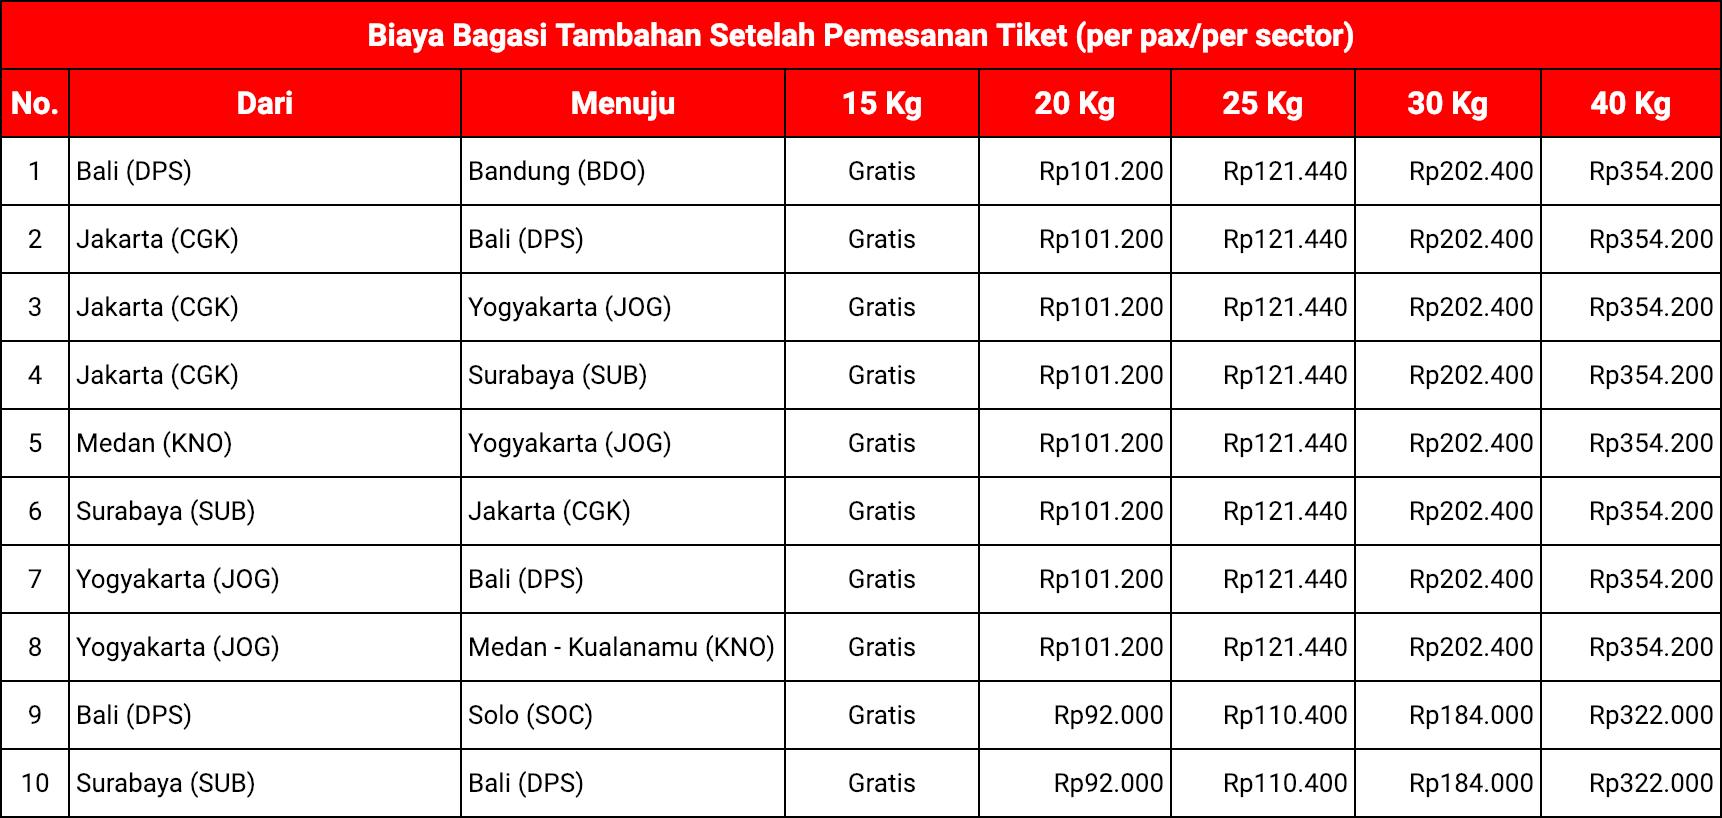 Biaya Pra-pesan Bagasi AirAsia Setelah Pemesanan Tiket